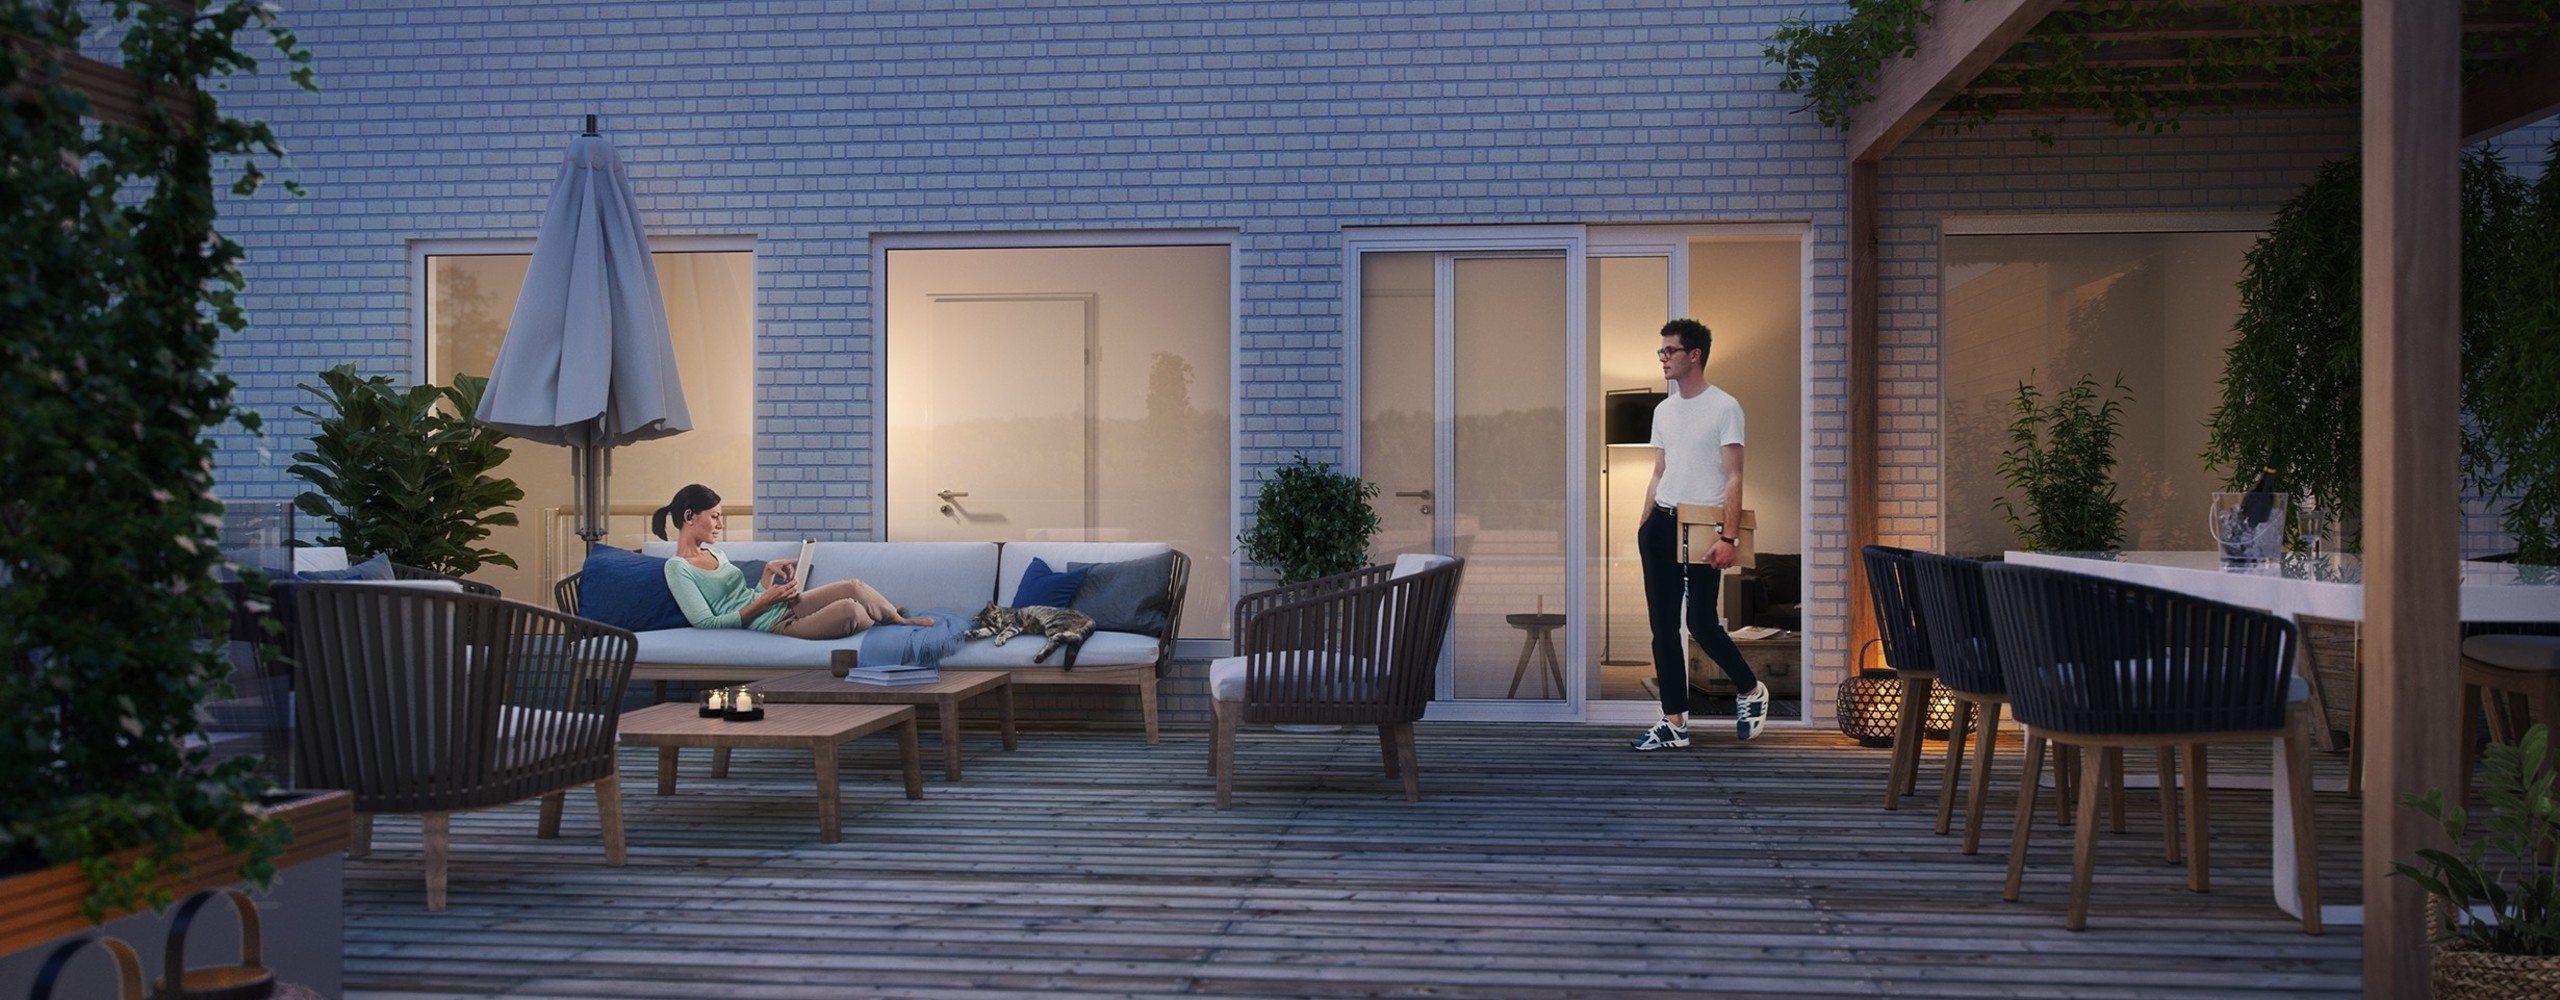 Gartnerboligen terrasse natt